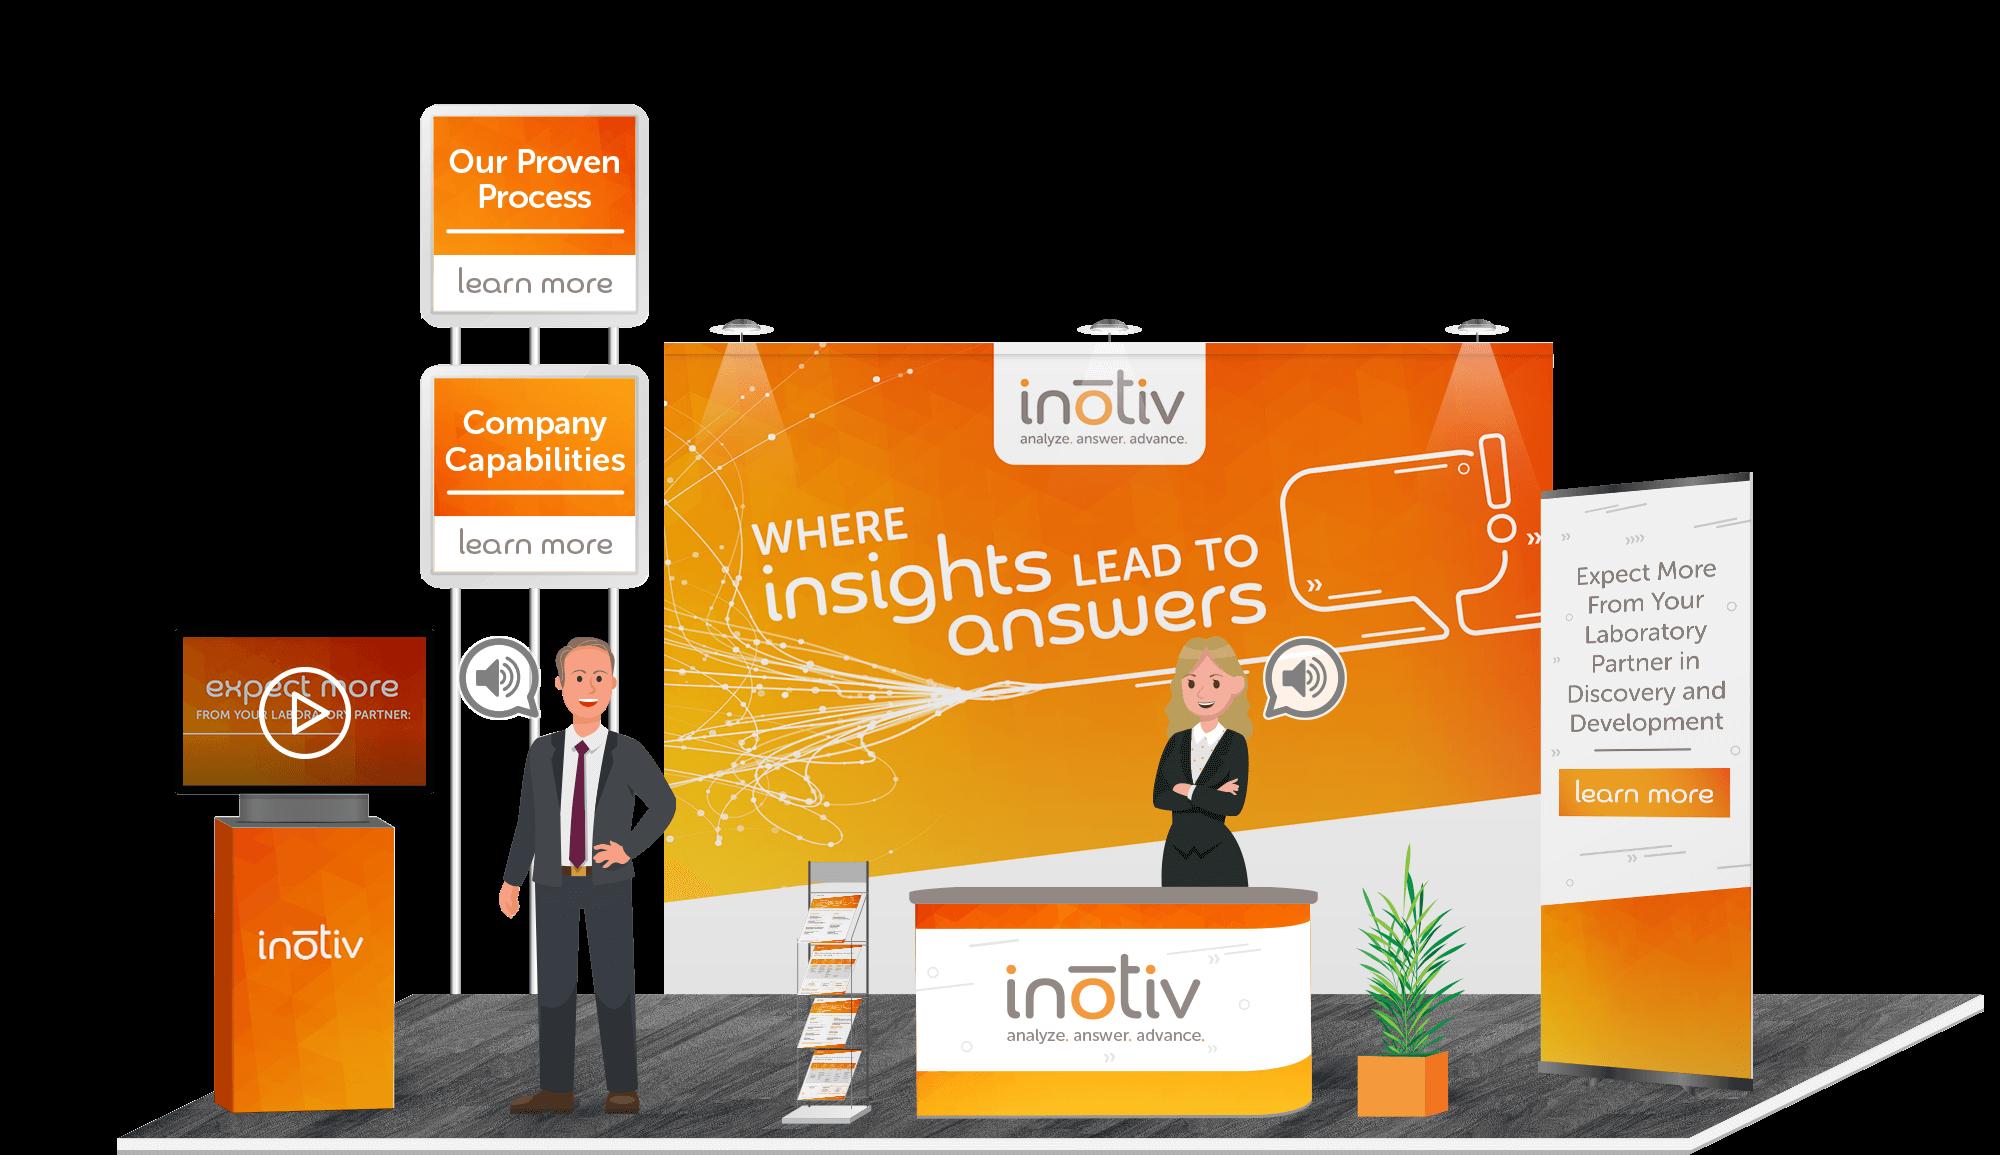 inotiv-vb-new-right